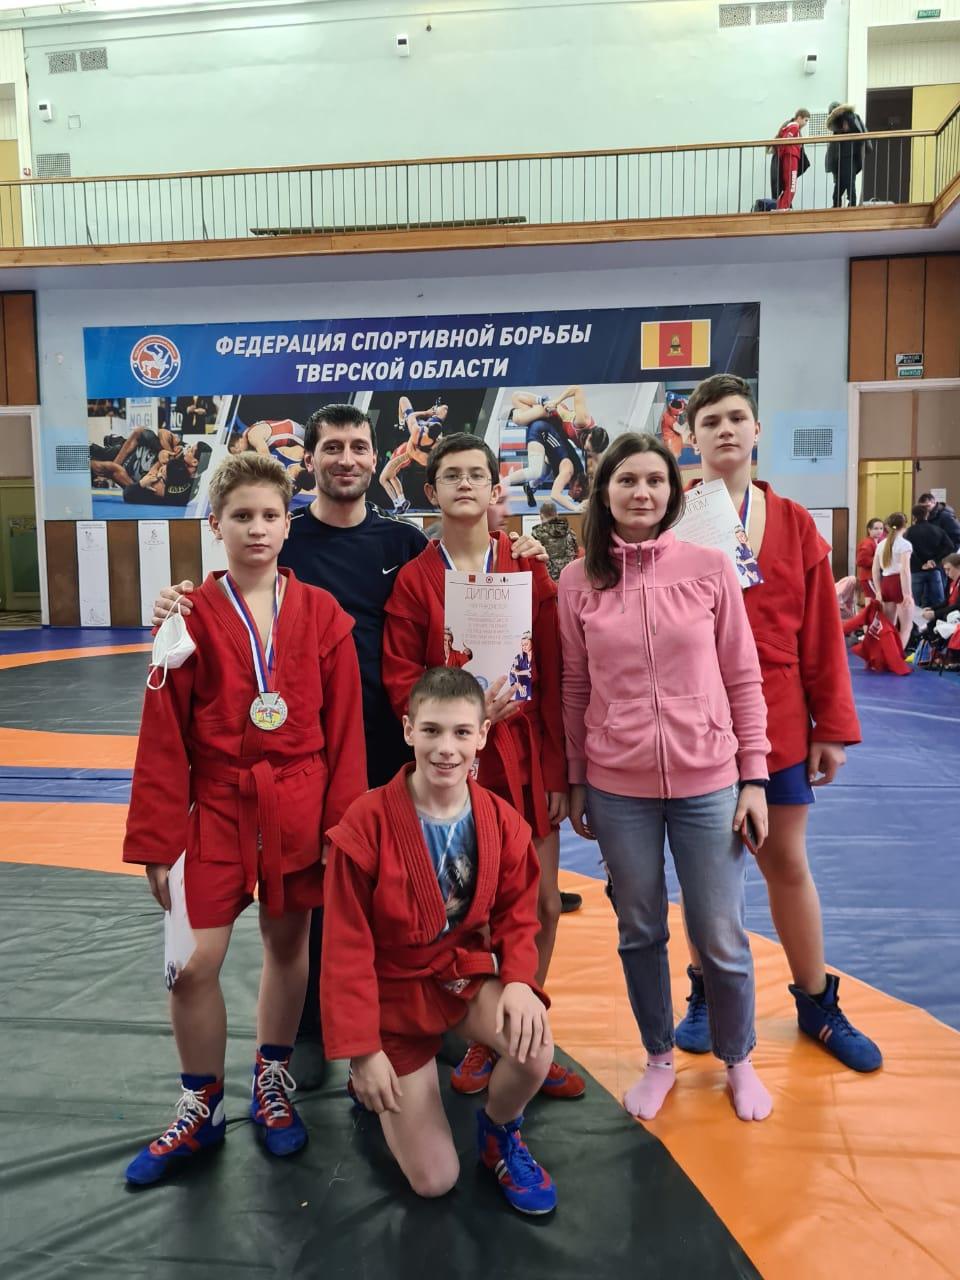 Вышневолоцкие спортсмены стали победителями на областных соревнованиях